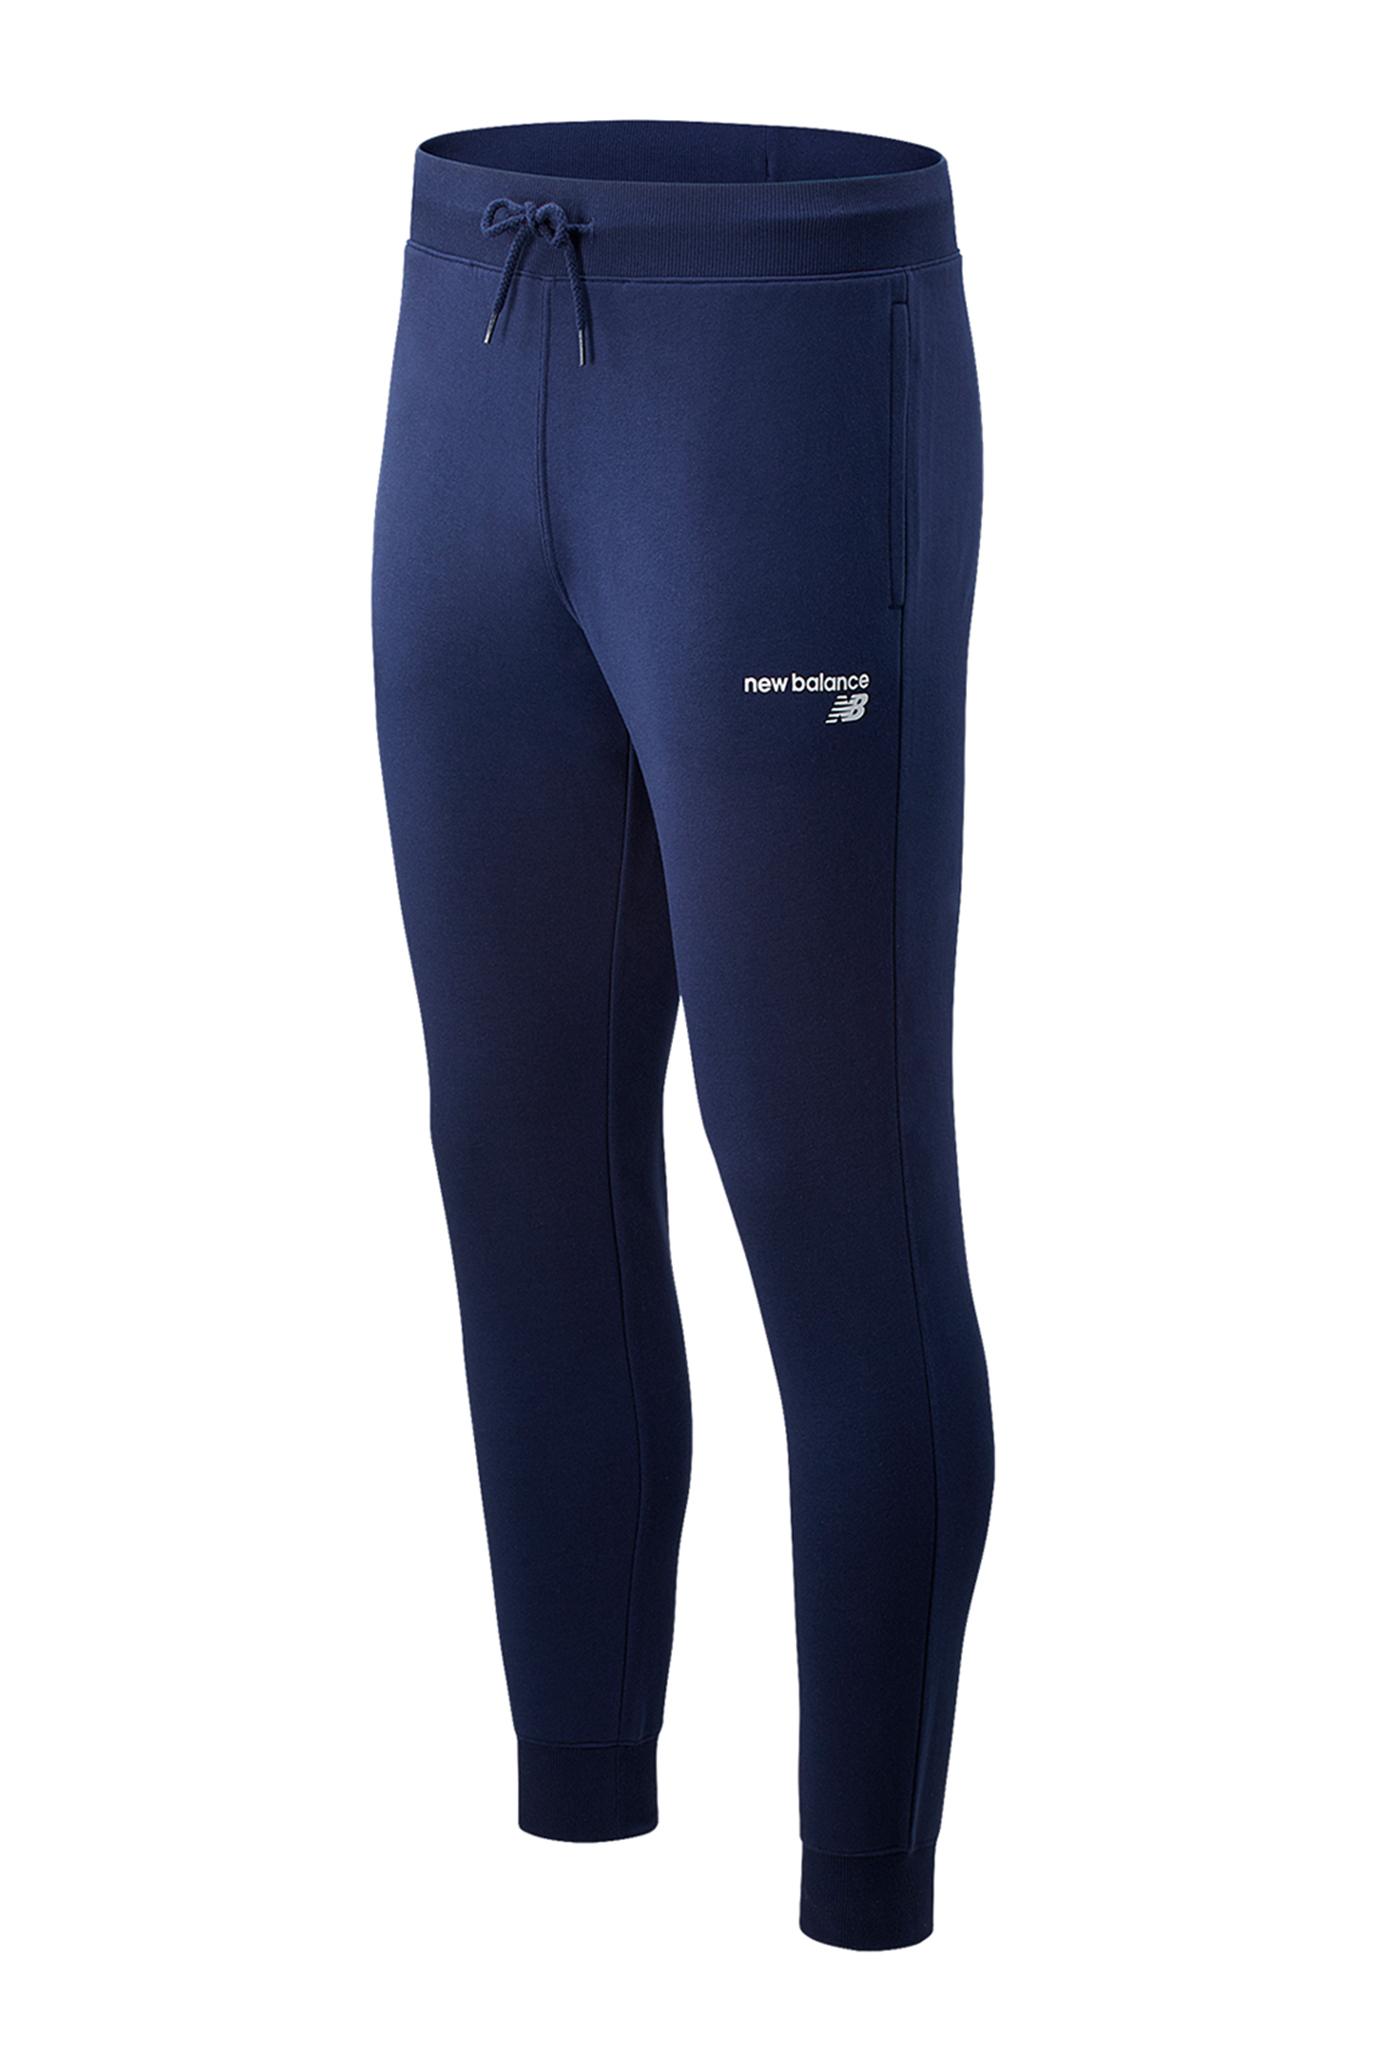 Мужские синие спортивные брюки NB Classic CF 1